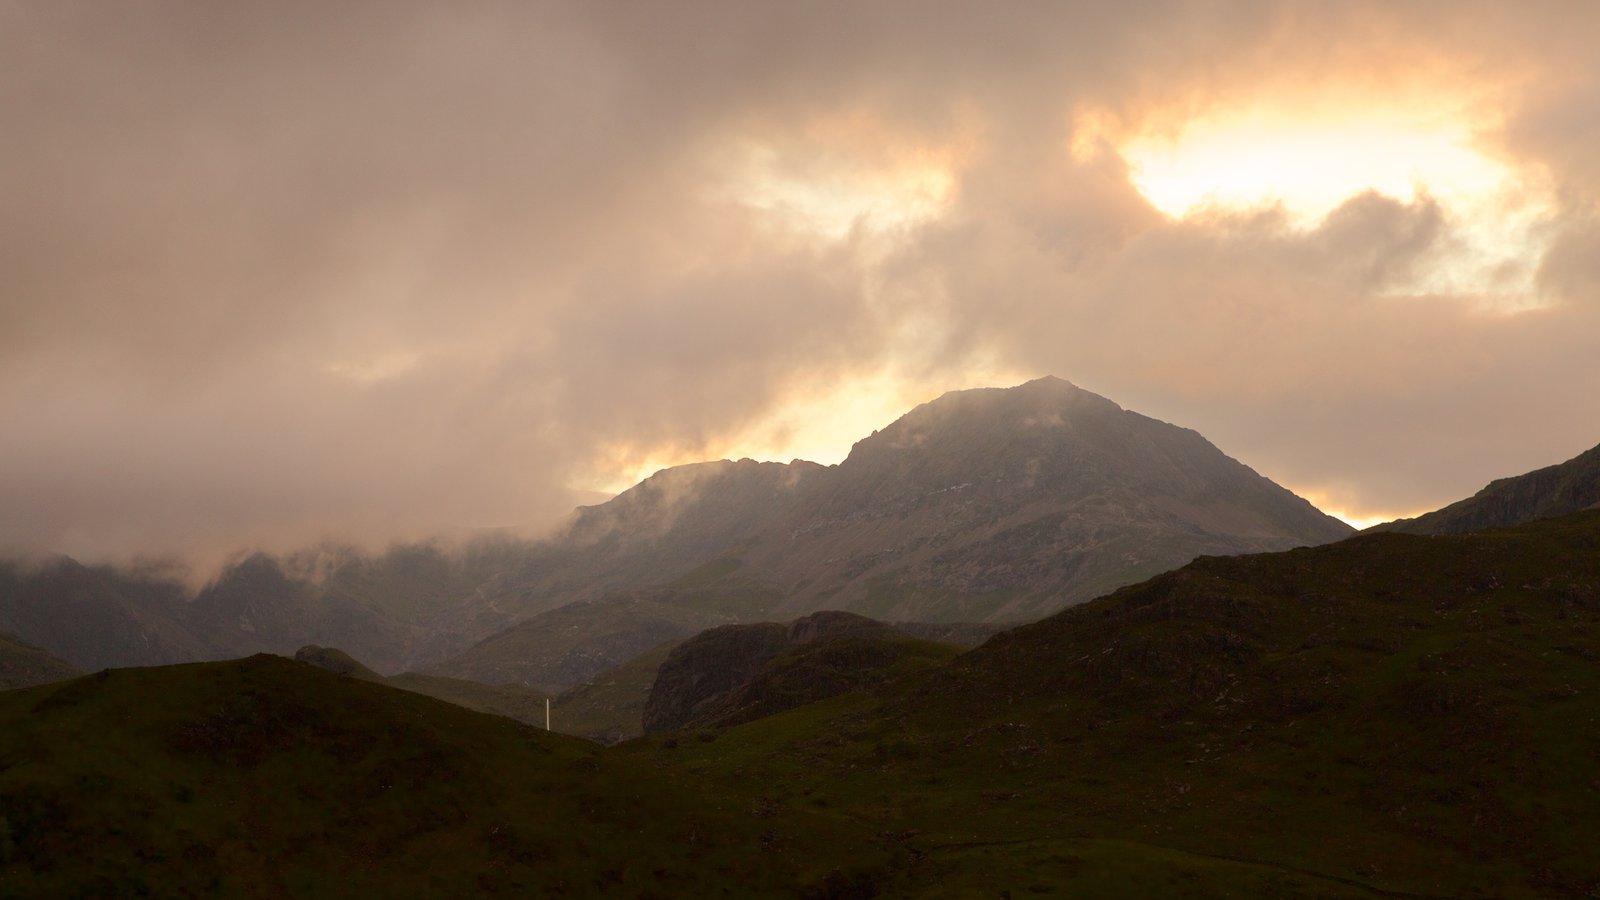 Caernarfon mostrando neblina o niebla y montañas